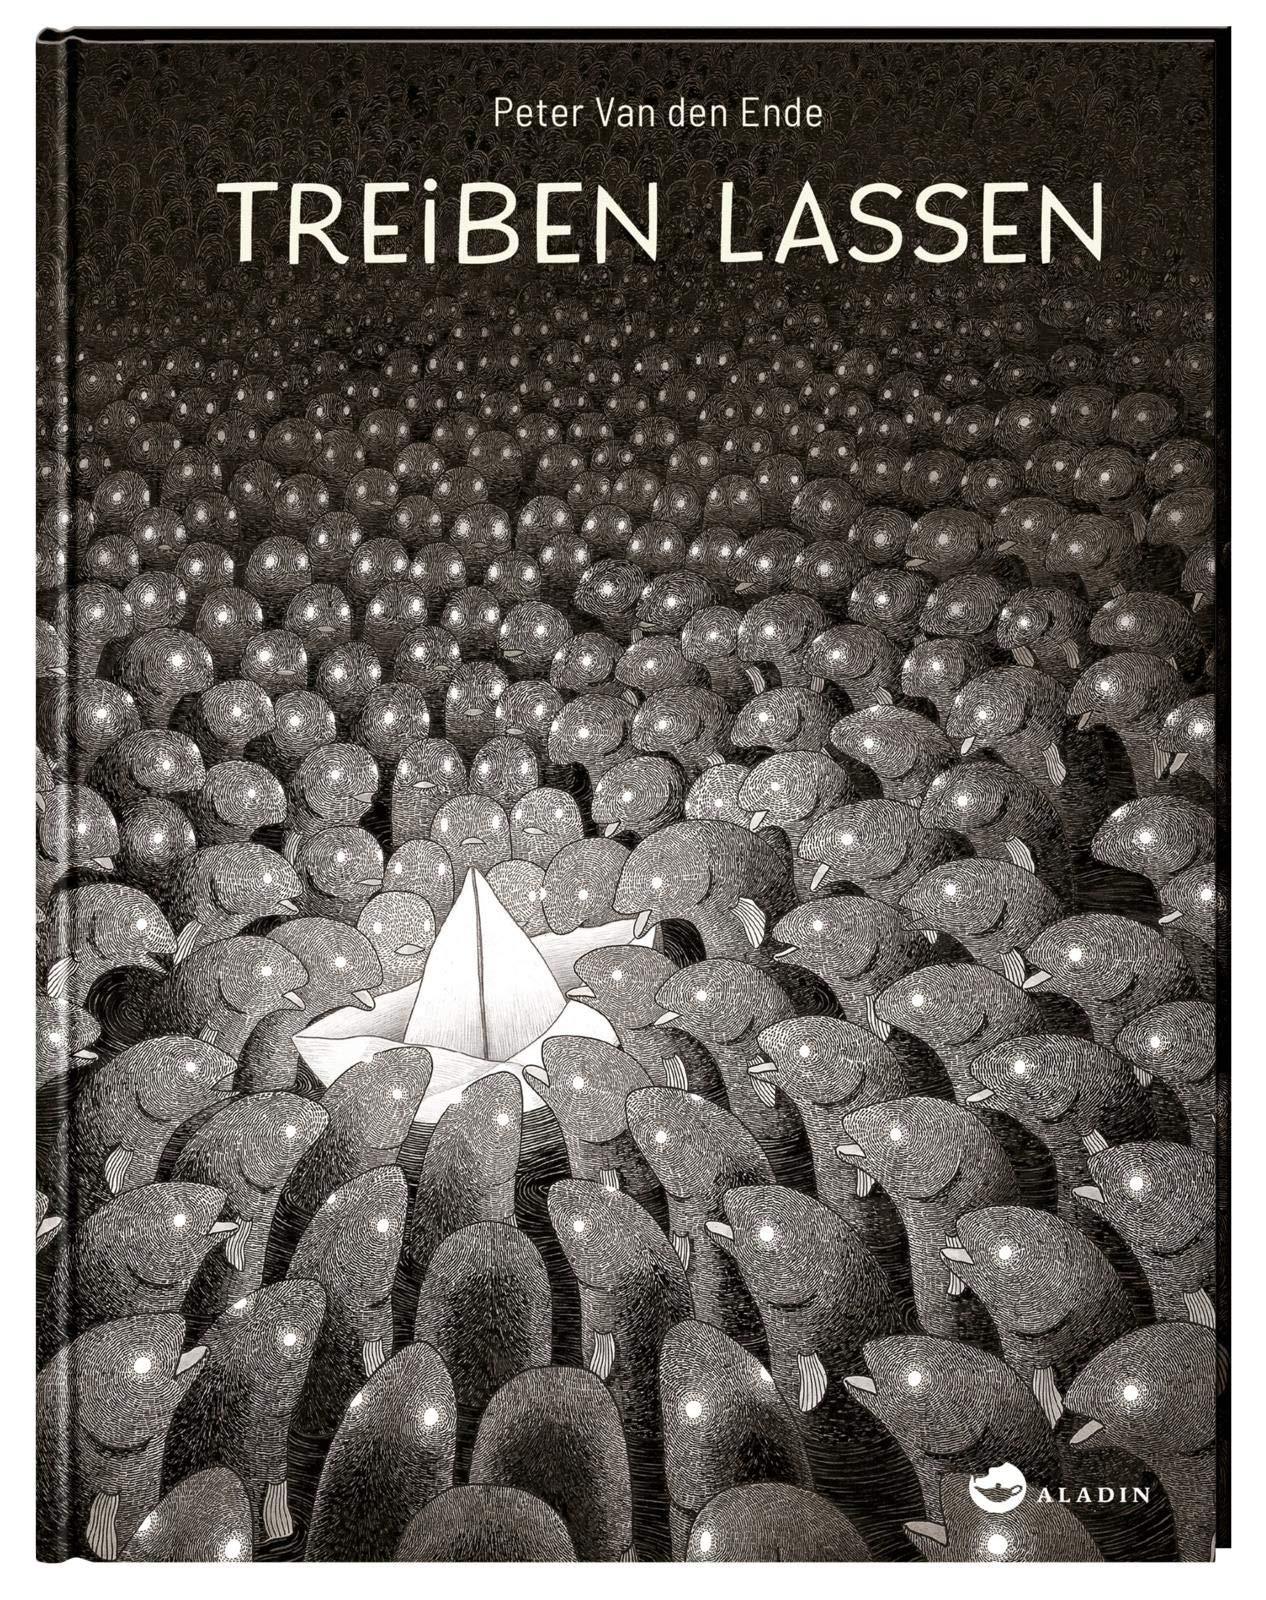 Treiben lassen Fantastisches Bilderbuch für Erwachsene  van den ...